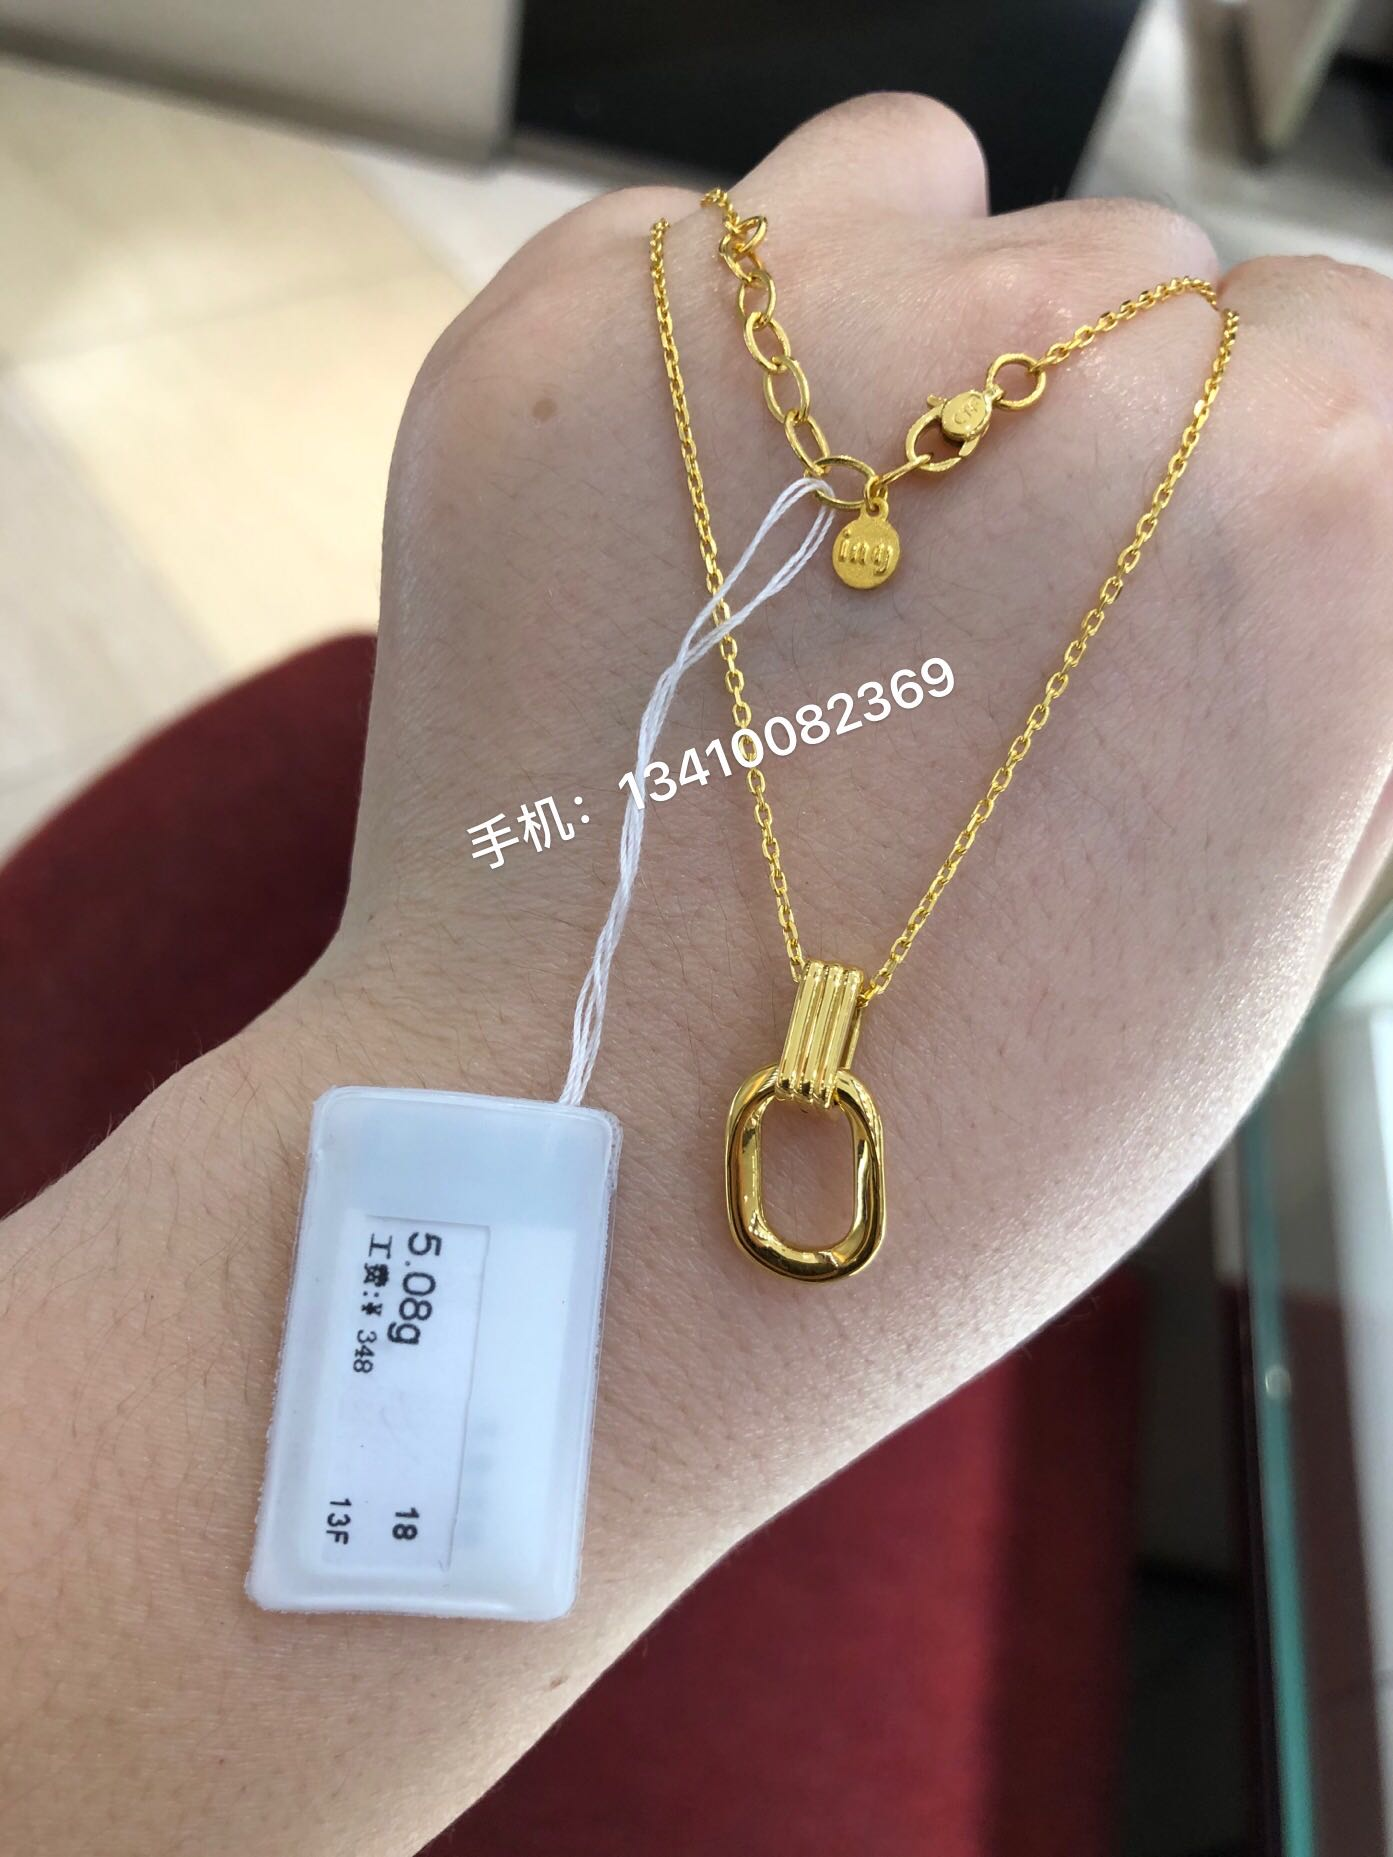 ขายโจว Dafuingชุดย้อนยุคย้อนยุคเรขาคณิตแหวนคู่เท้าทองสร้อยคอจี้ราคา แผ่นดินใหญ่เคาน์เตอร์ซื้อ